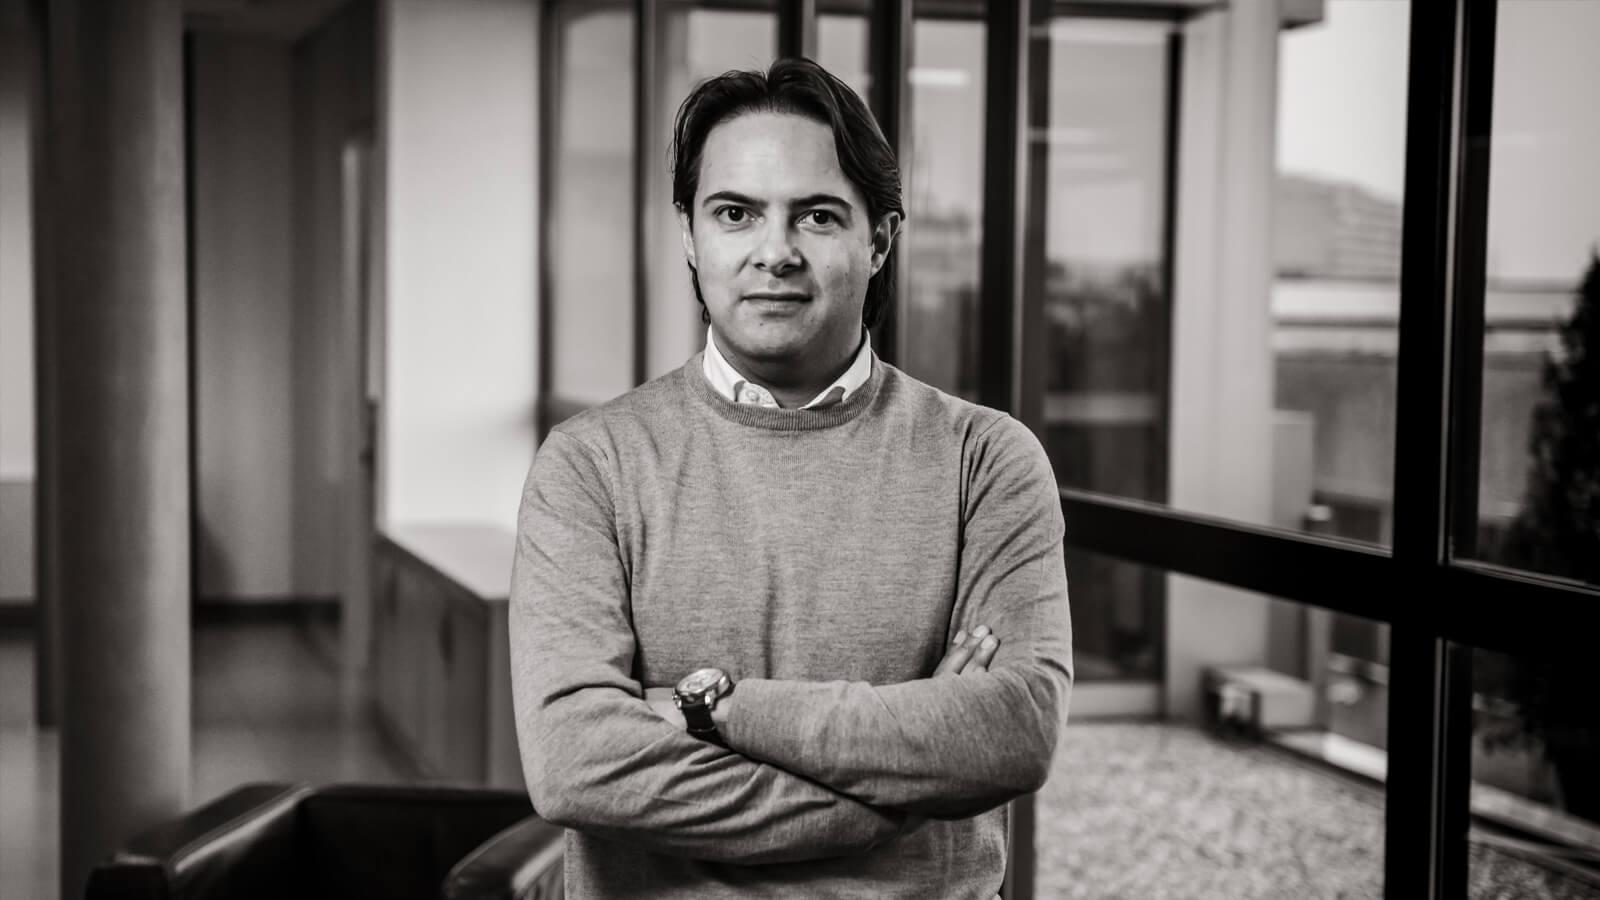 Gilberto Tony Dalla Costa